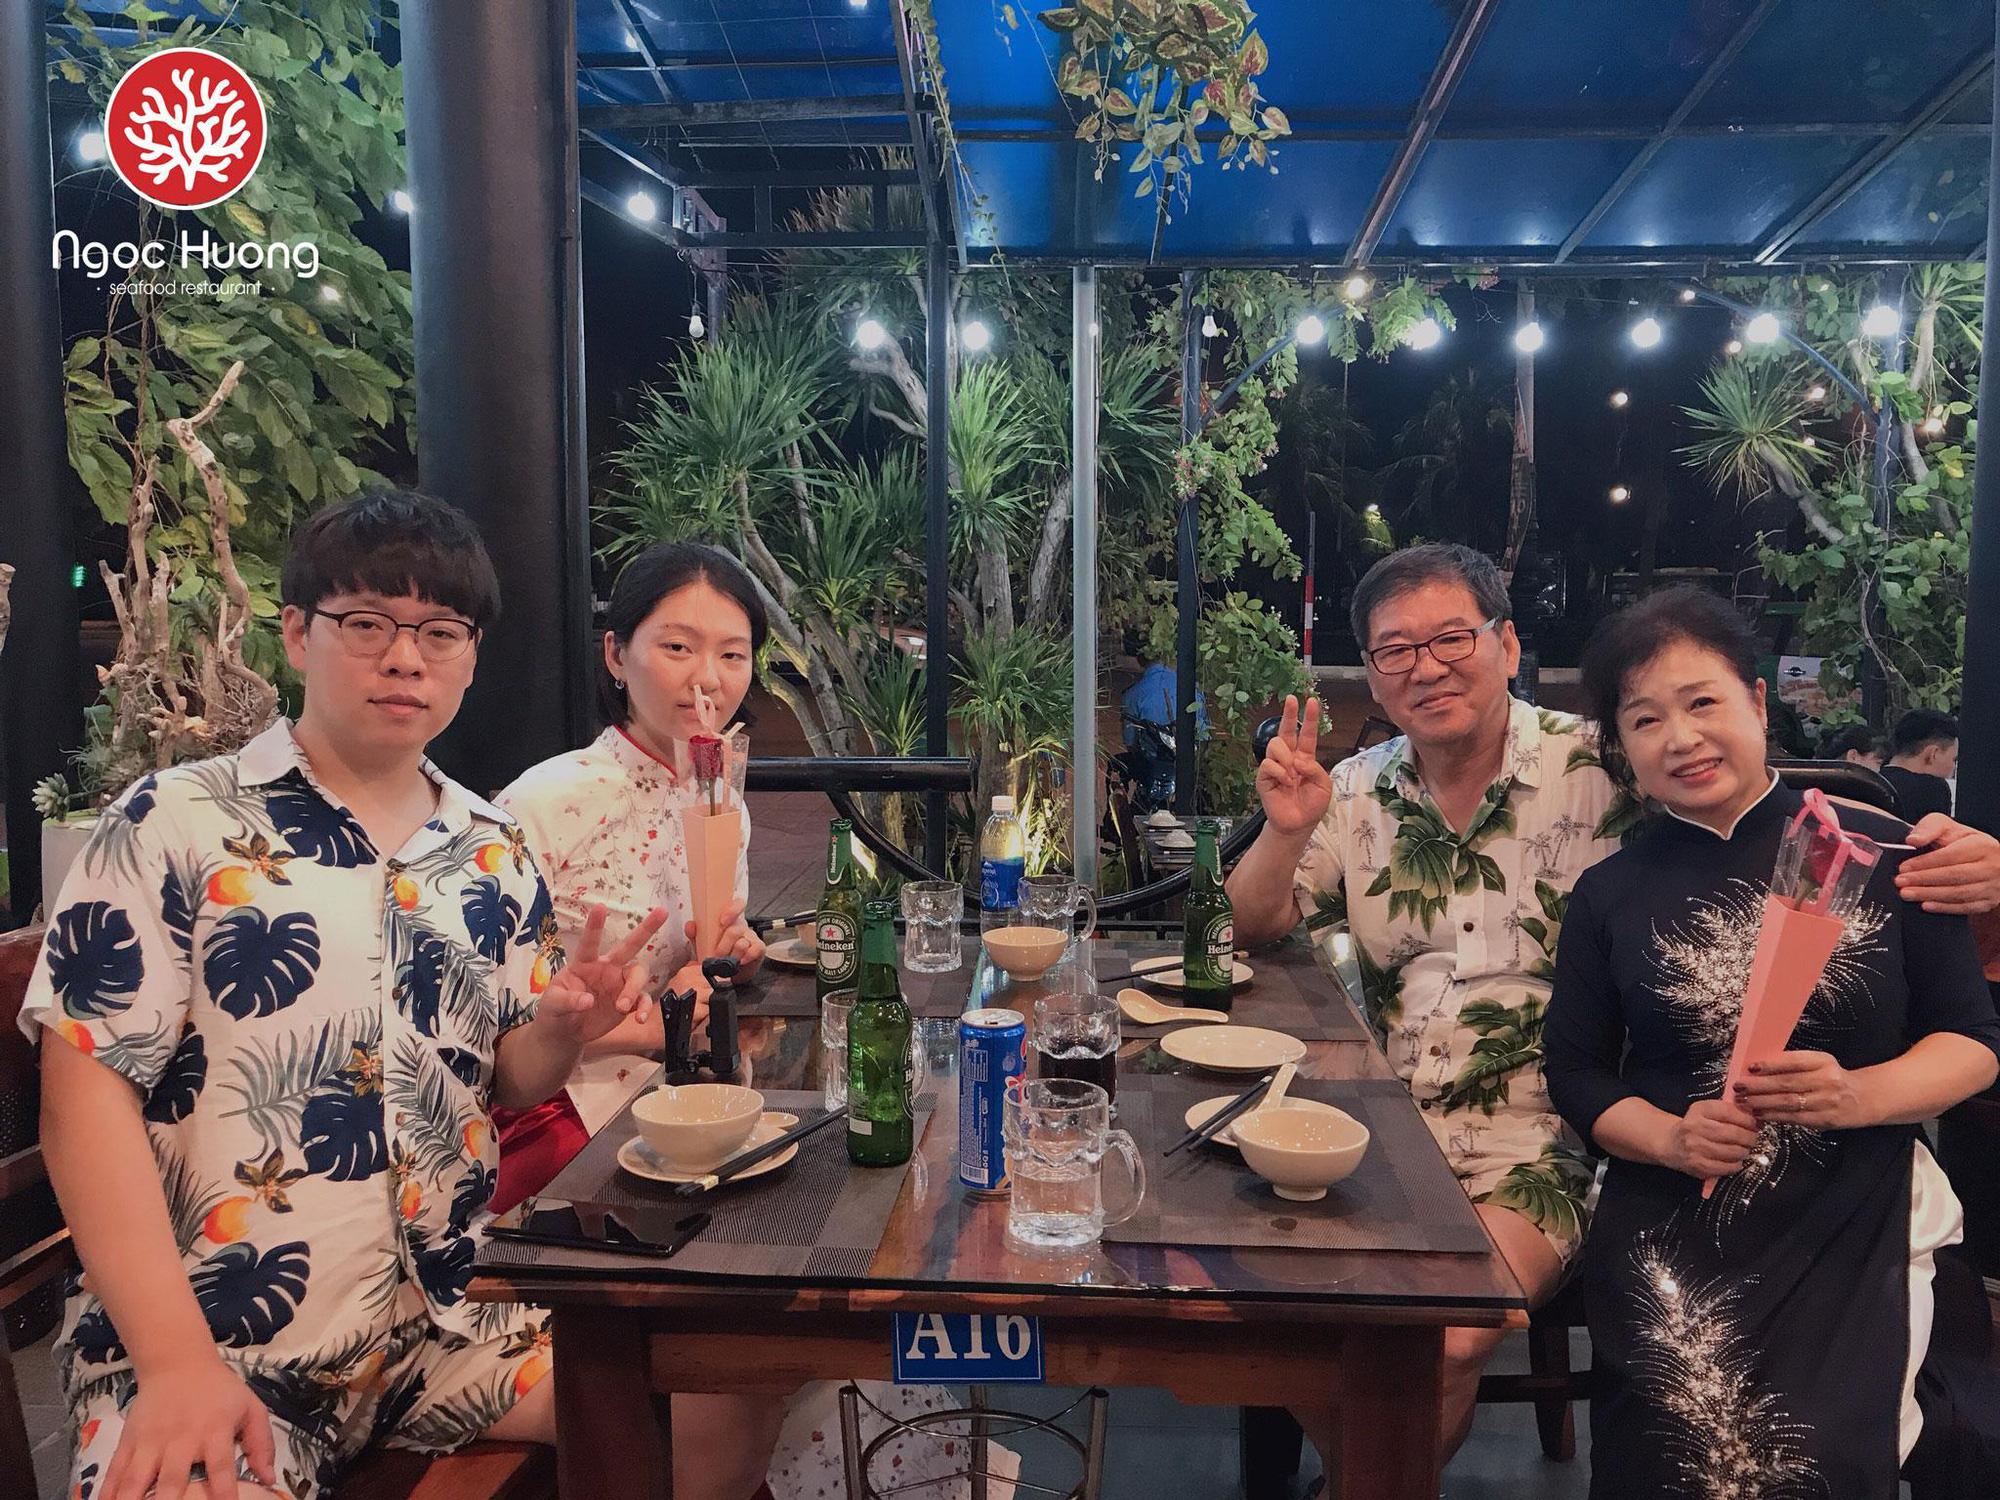 Ngoc Huong Seafood restaurant – nhà hàng hải sản trứ danh bậc nhất Đà Nẵng - Ảnh 8.